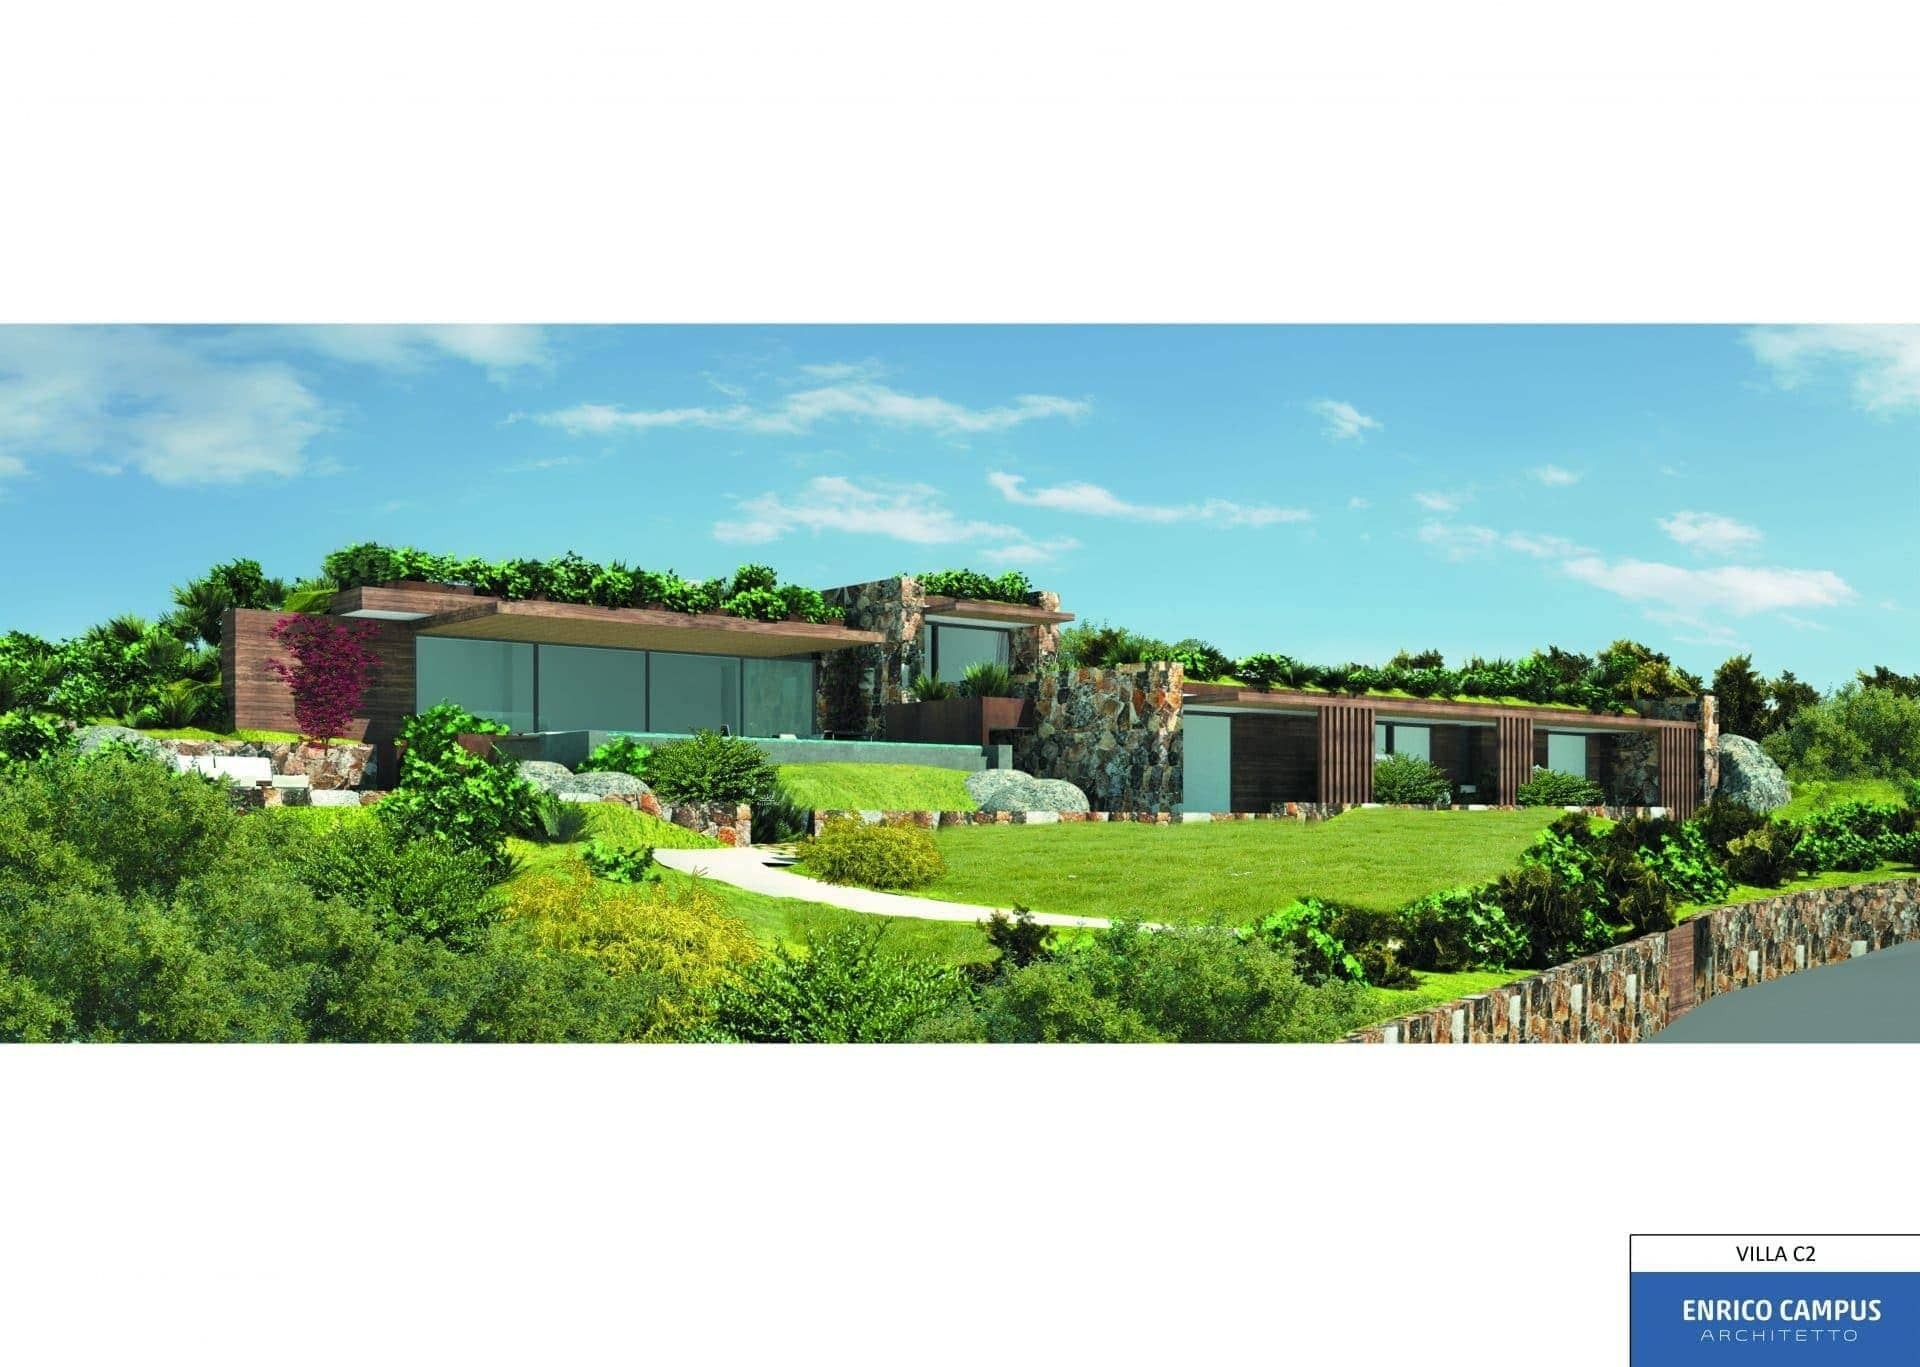 New Ecovillas in Gallura